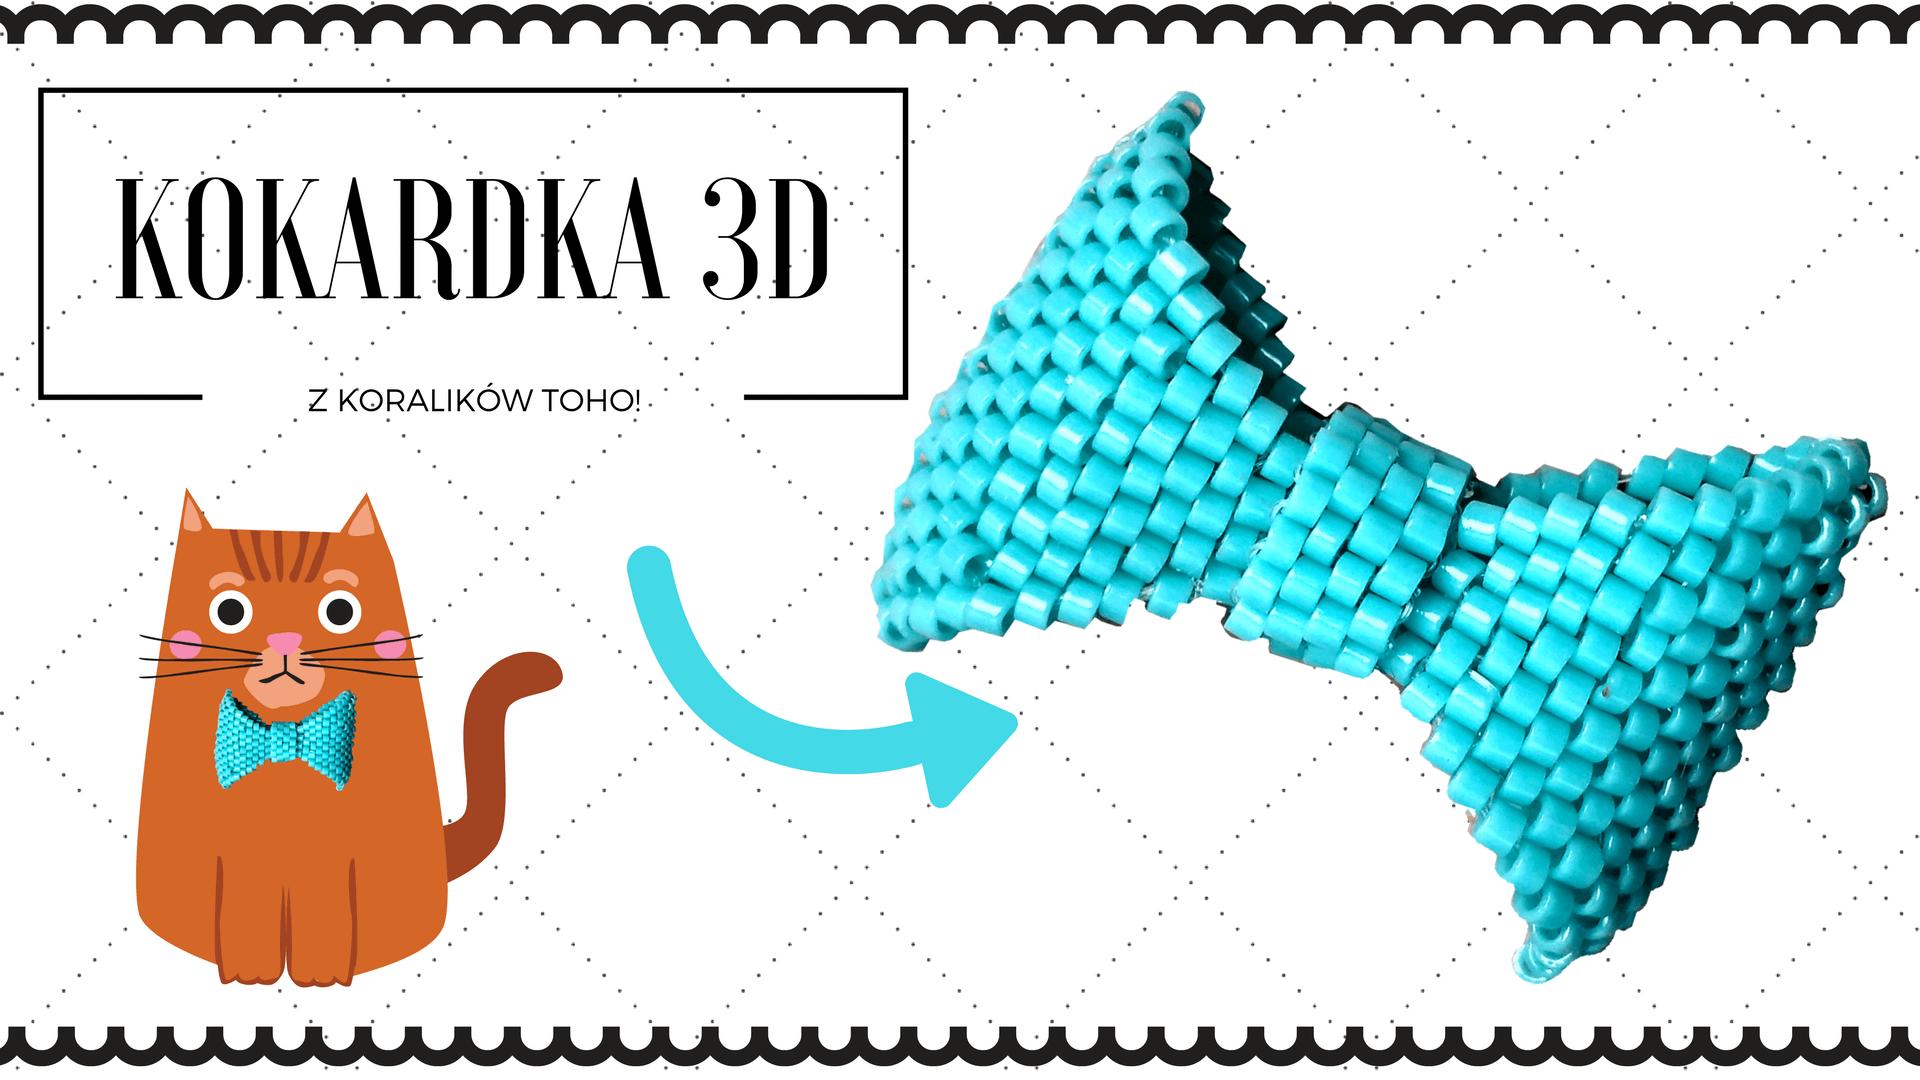 Qrkoko.pl - Kokardka 3D z koralików TOHO wypleciona ściegiem peyote